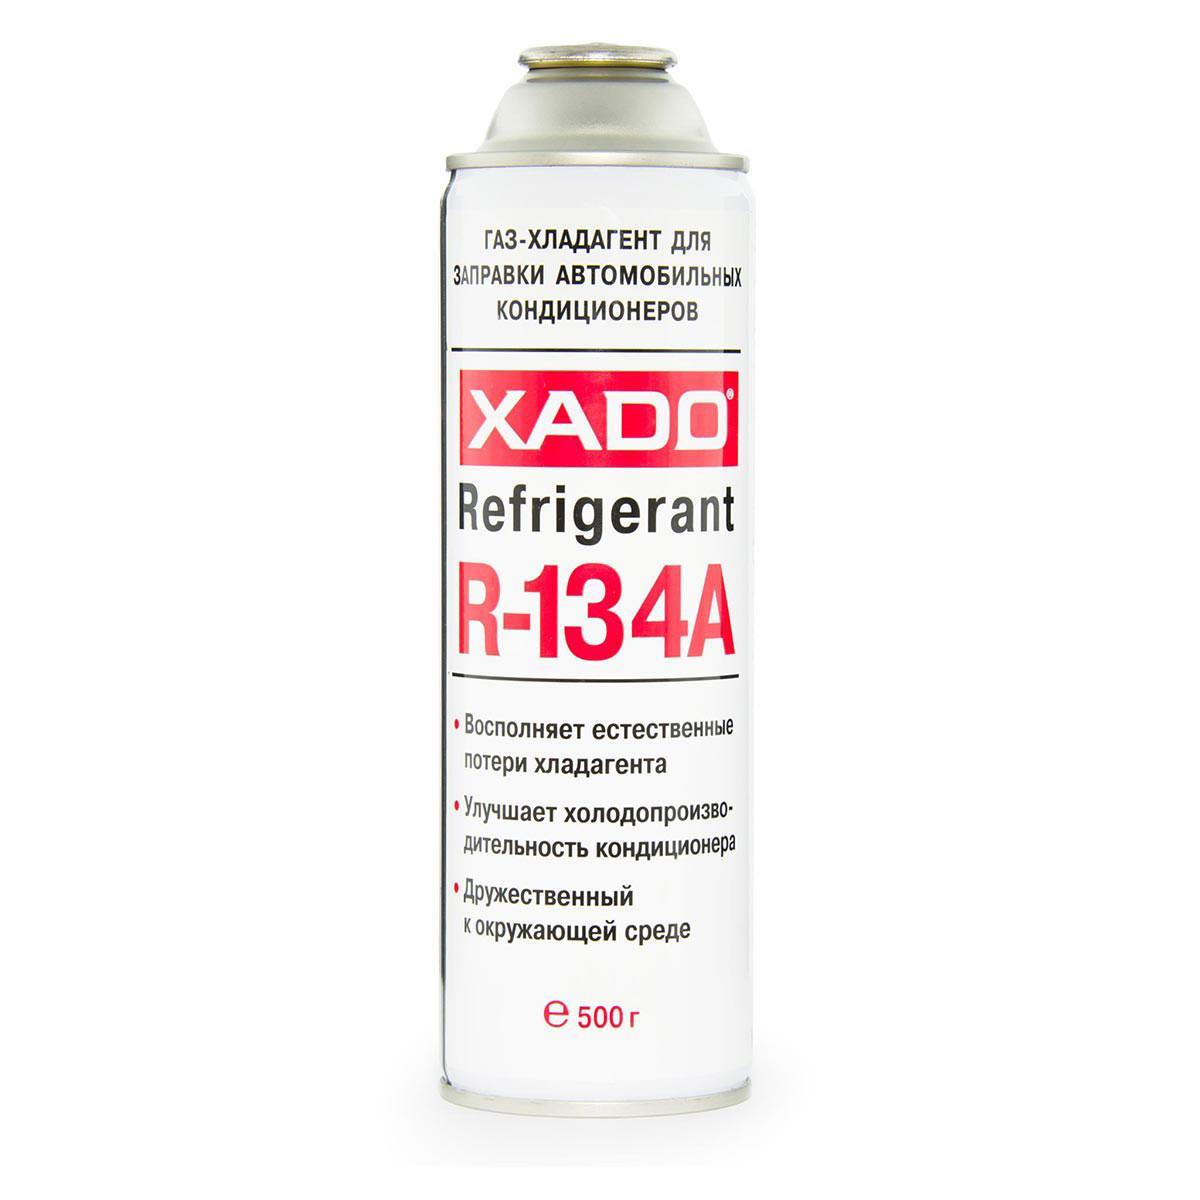 Фреон автомобильный XADO R-134a 500мл